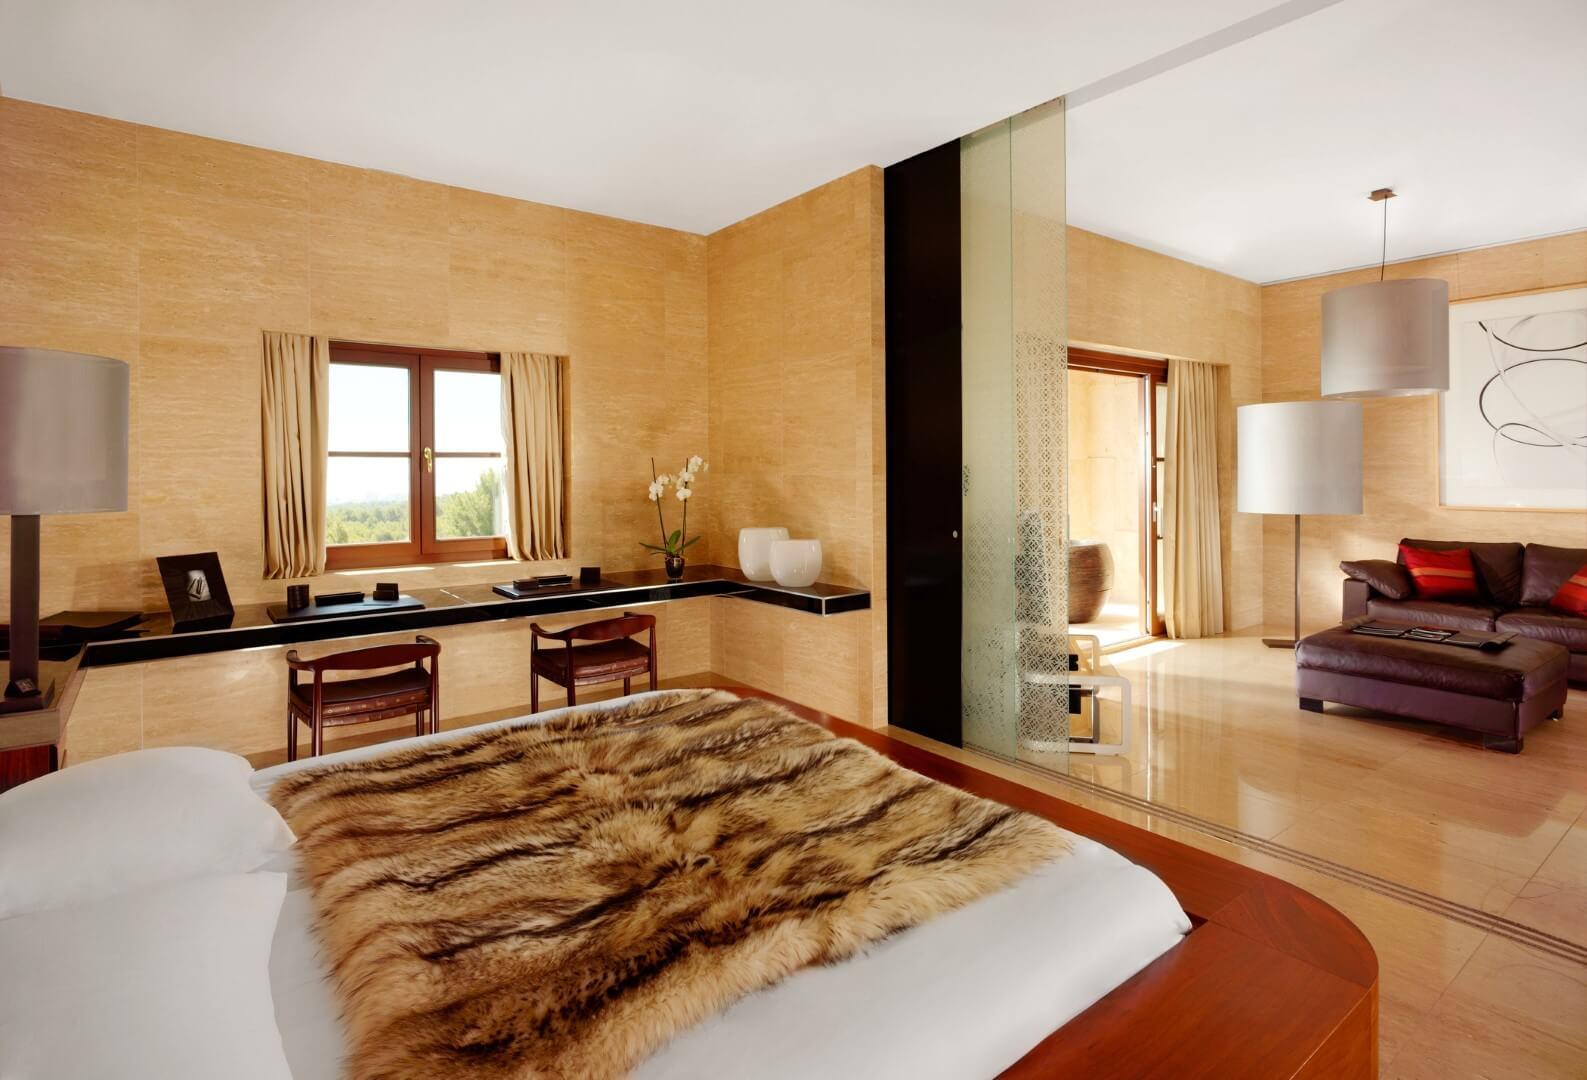 Habitacion - Hotel Castillo Son Vida - hotel de moda